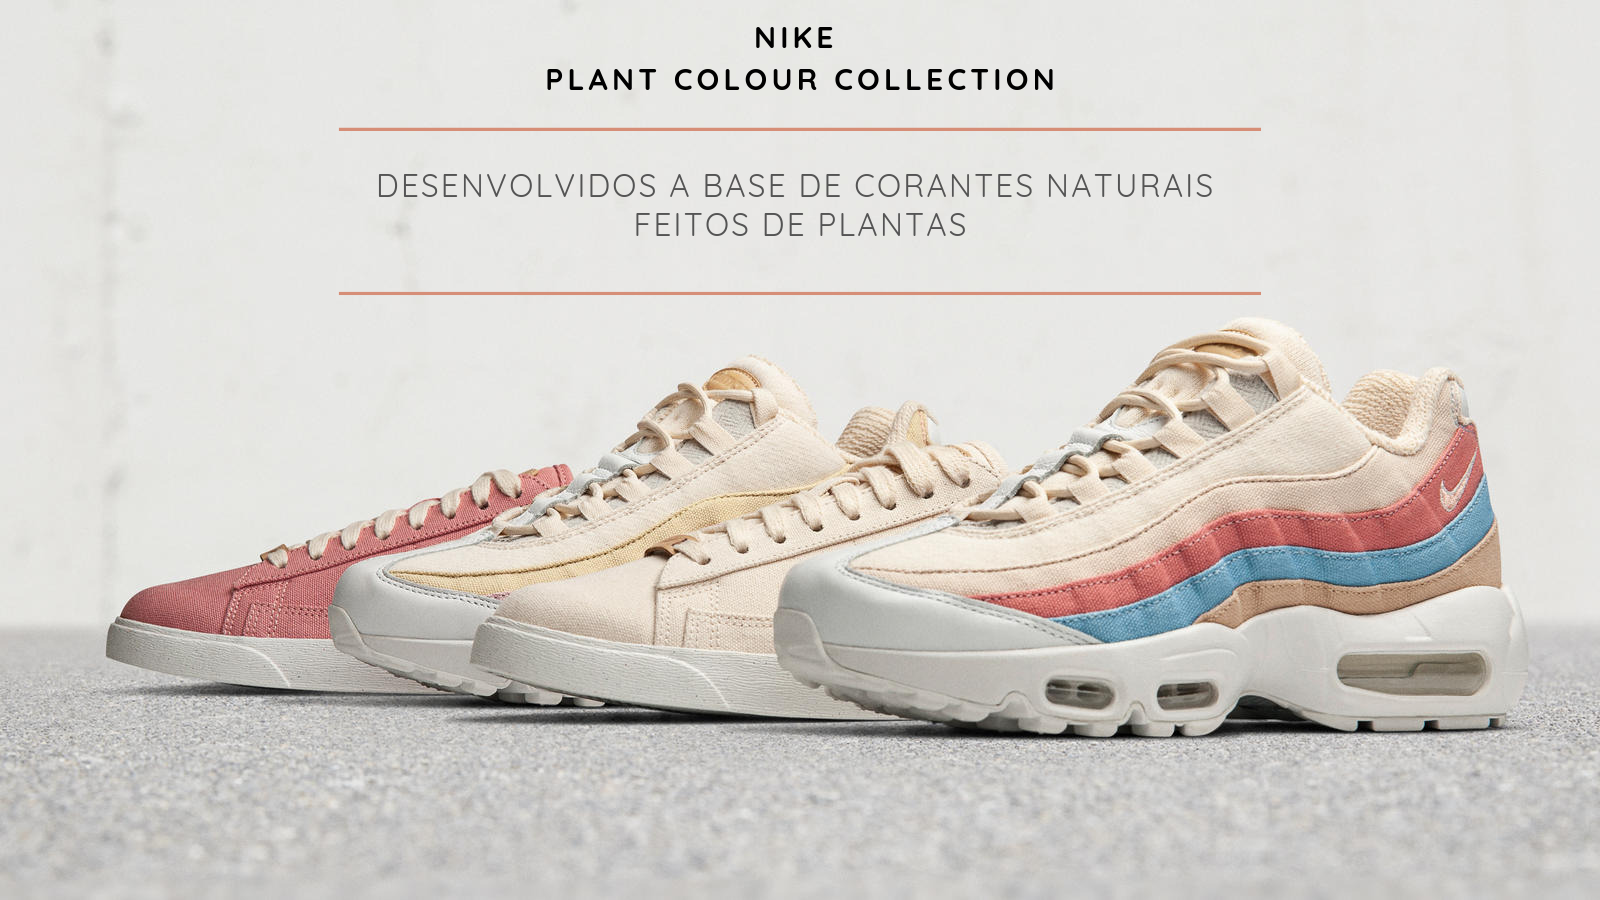 Nike utilizará corantes a base de plantas em nova coleção